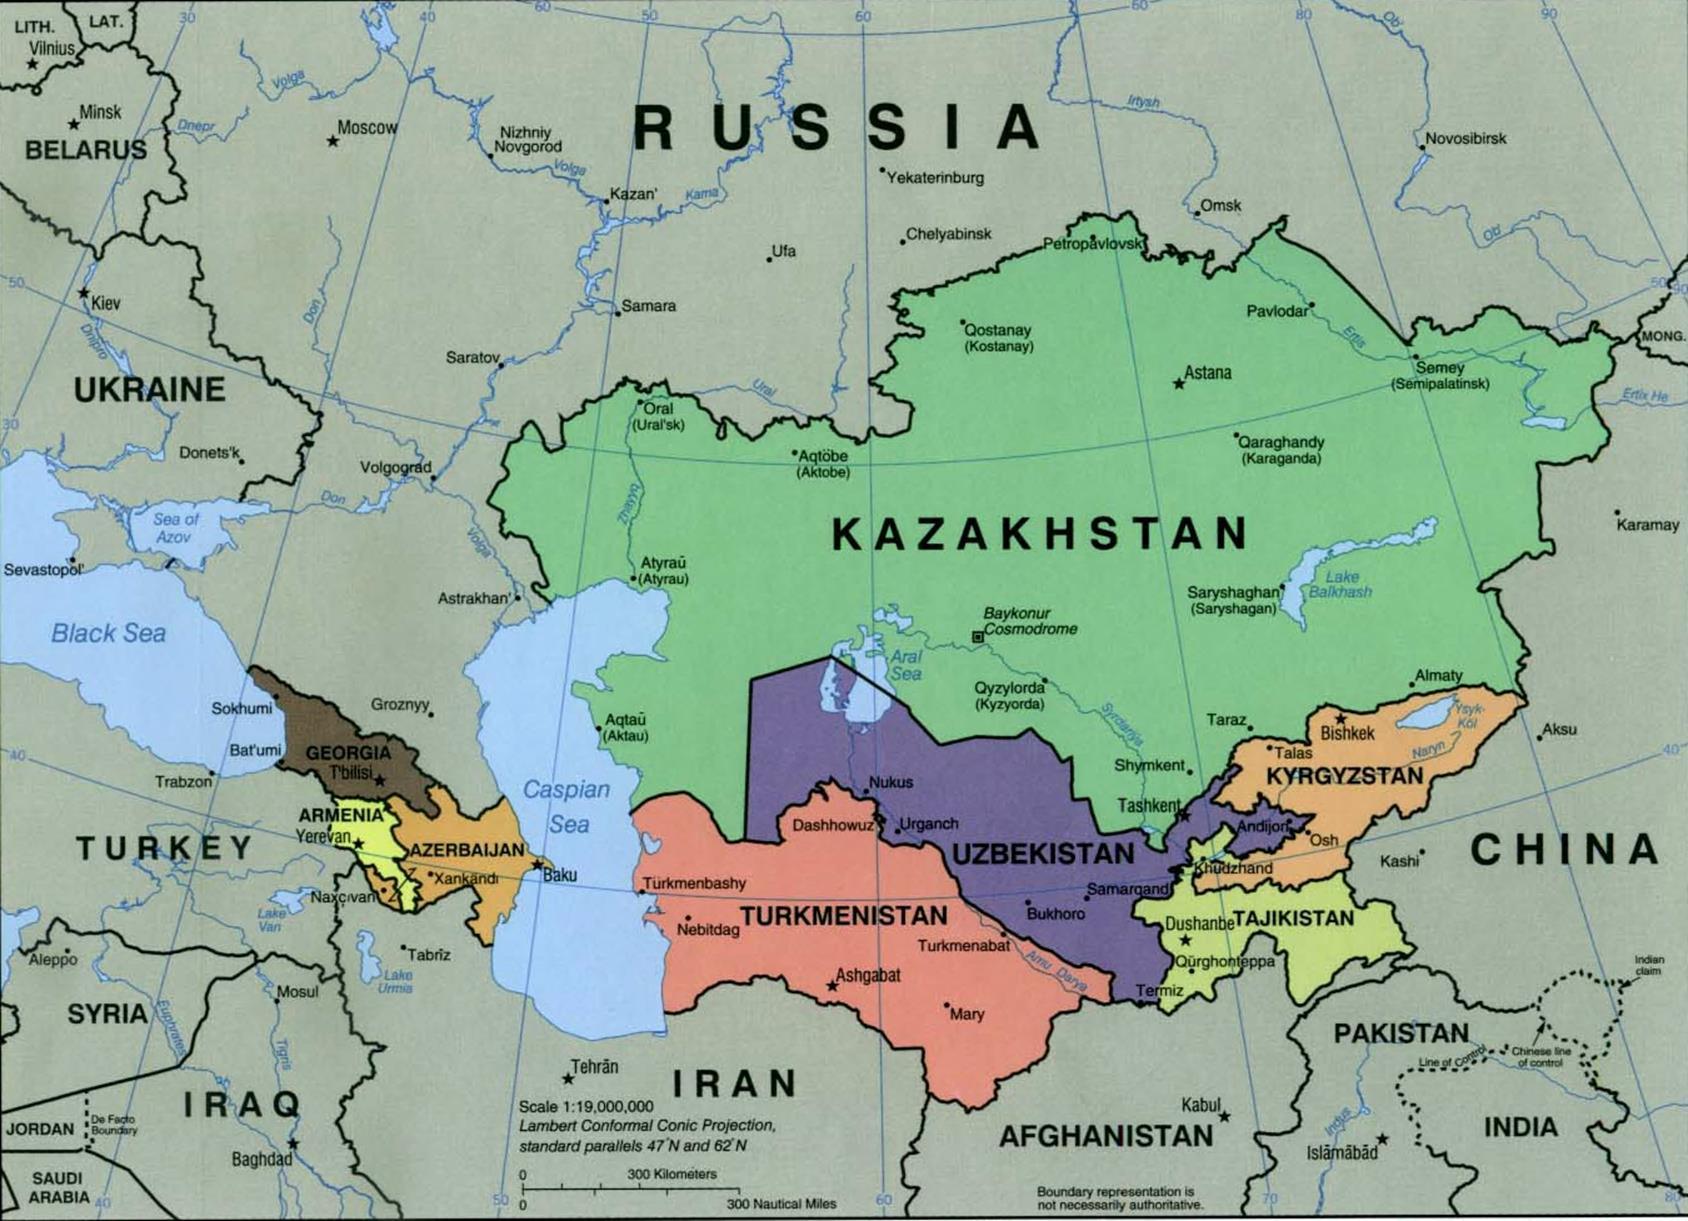 Картинки по запросу black sea russia map